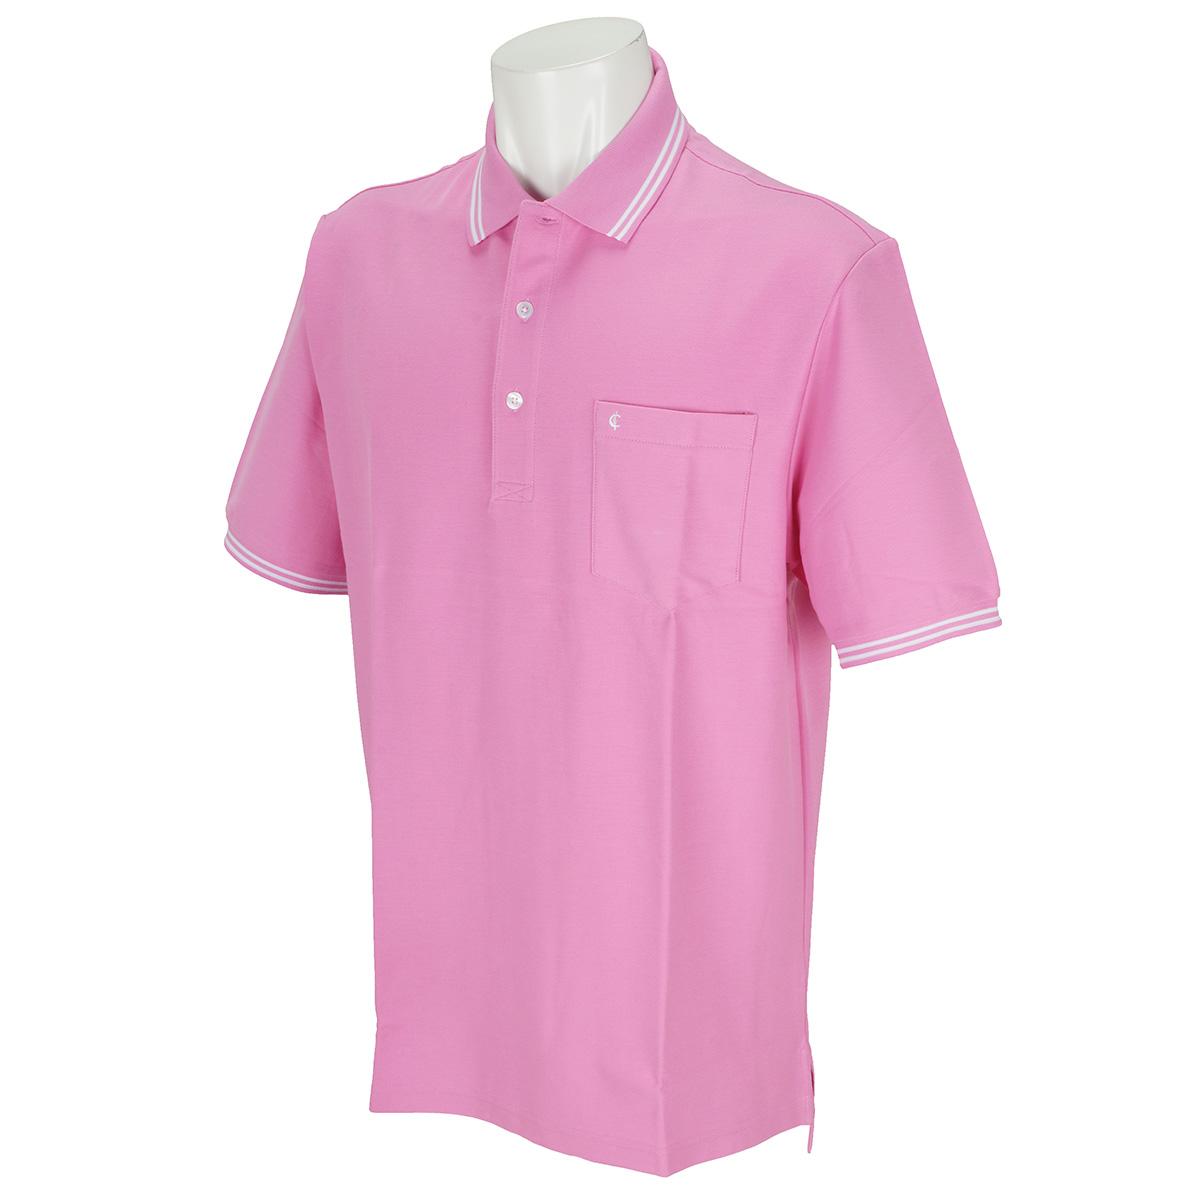 クラブ半袖ポロシャツ